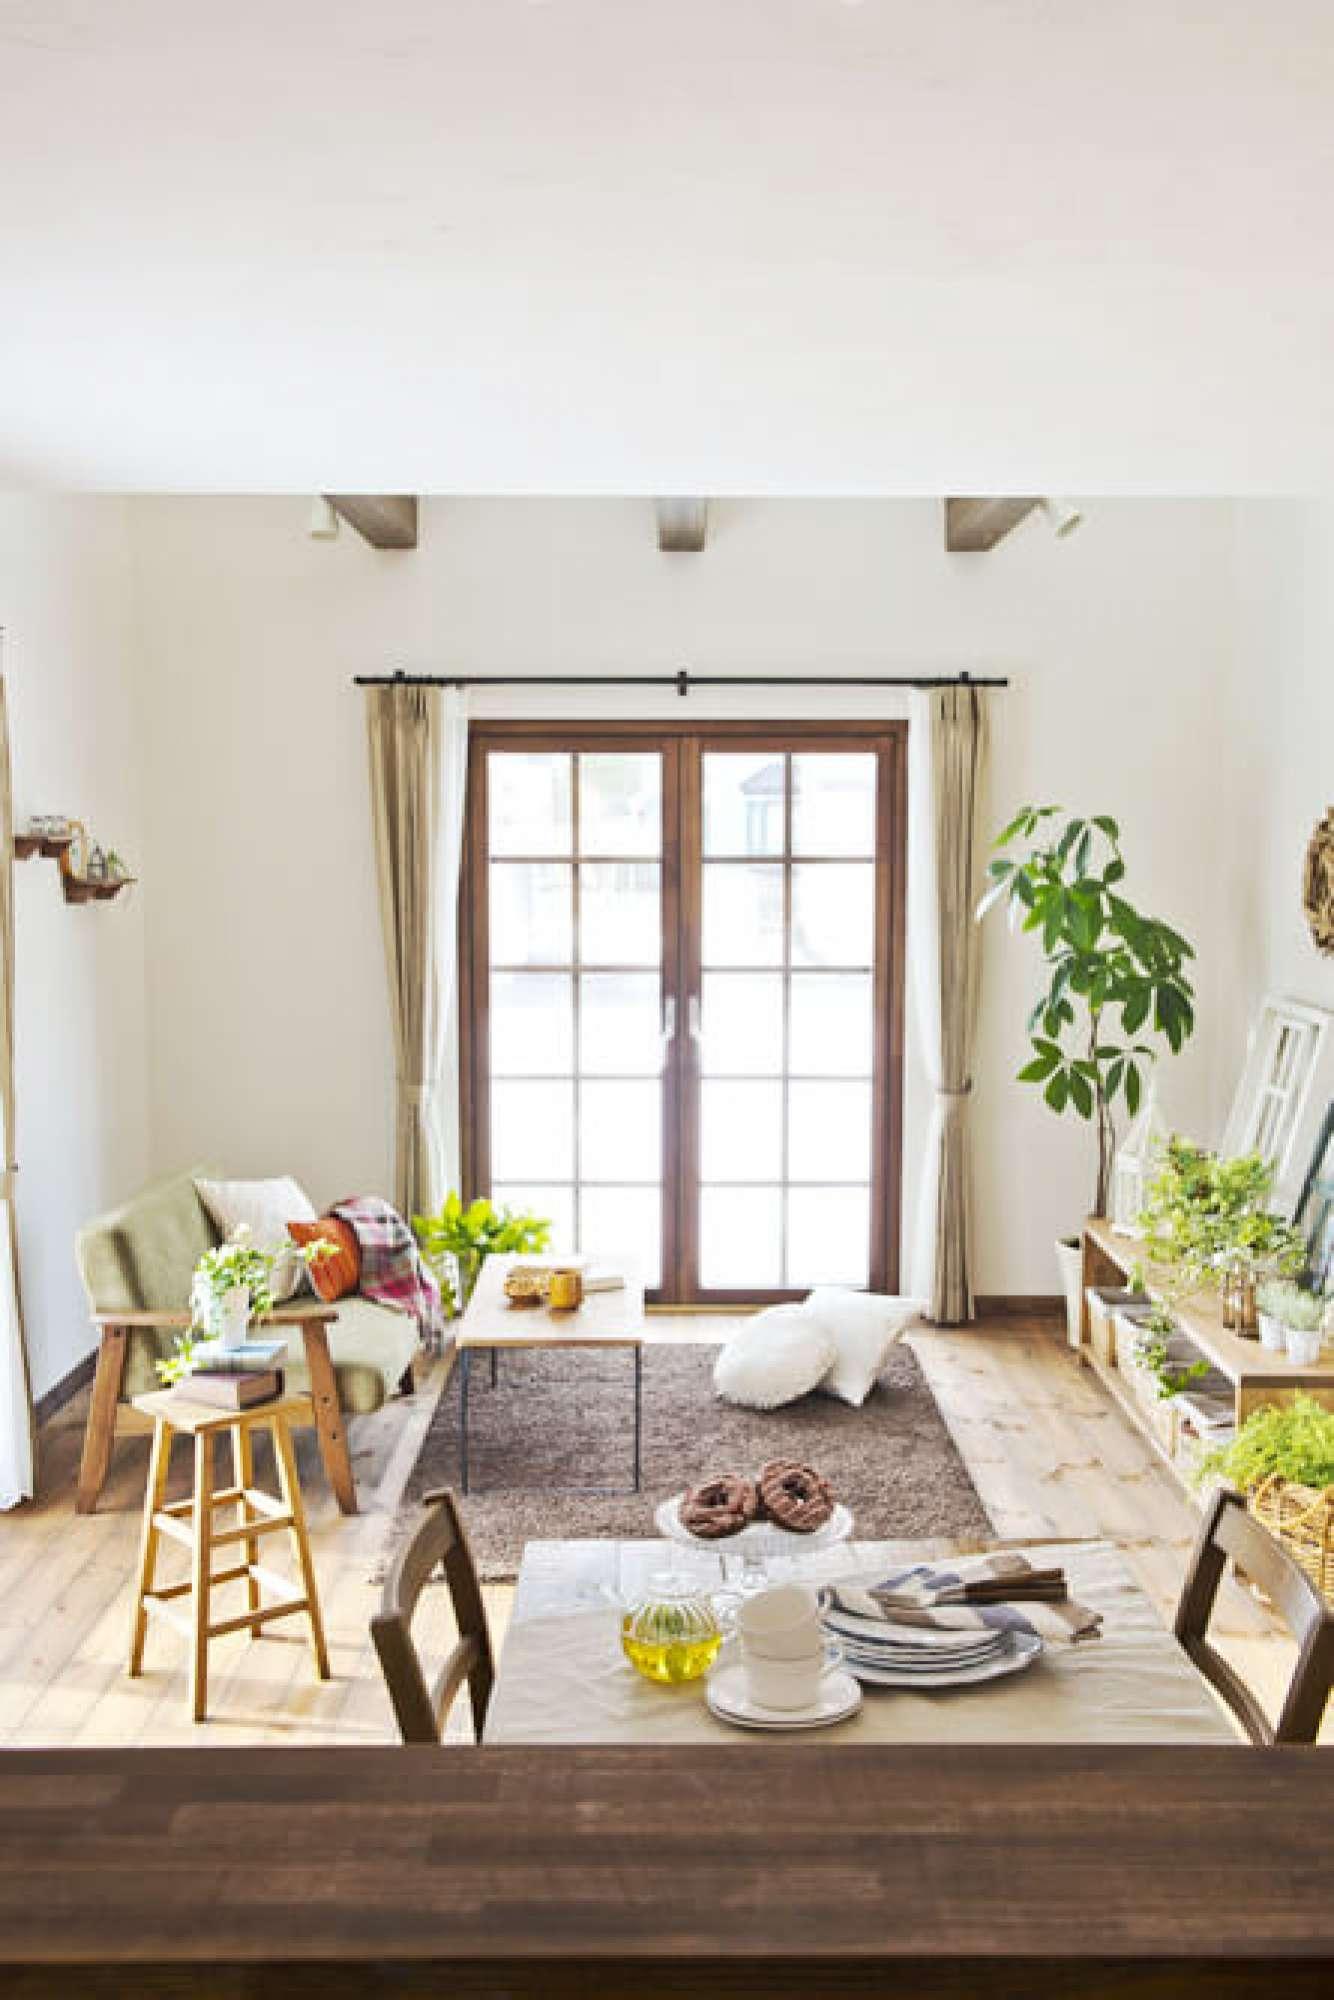 - 格子窓がアクセントのリビング。木の温もりのフロアには、グリーンや花の植物もよく映えます。 -  -